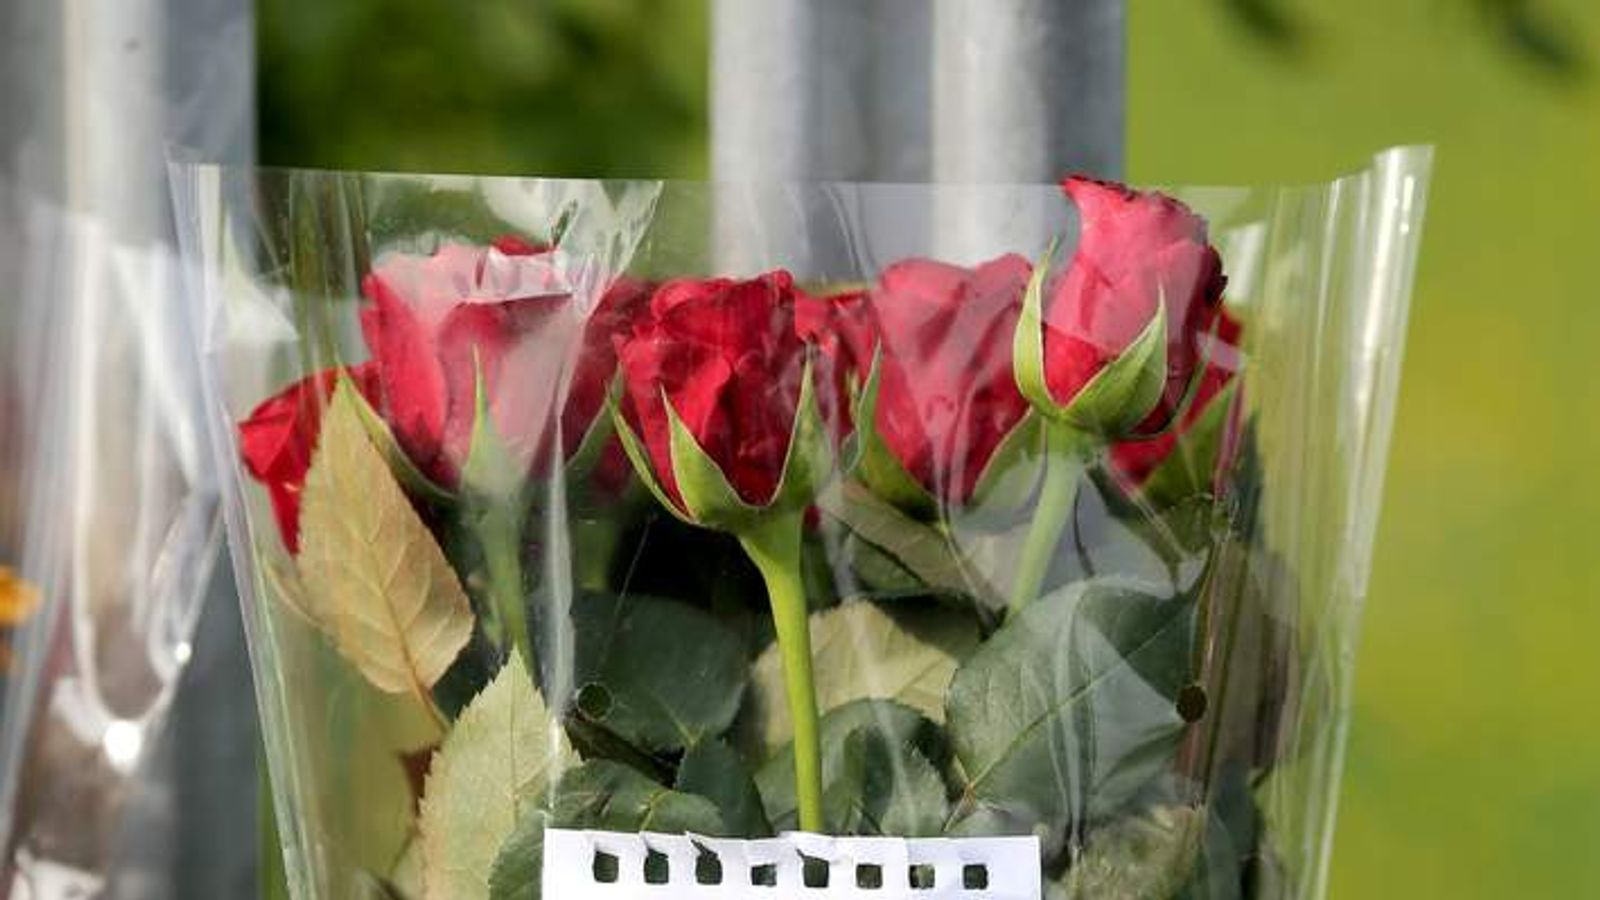 Female Teacher Dies After Being Stabbed At Leeds School